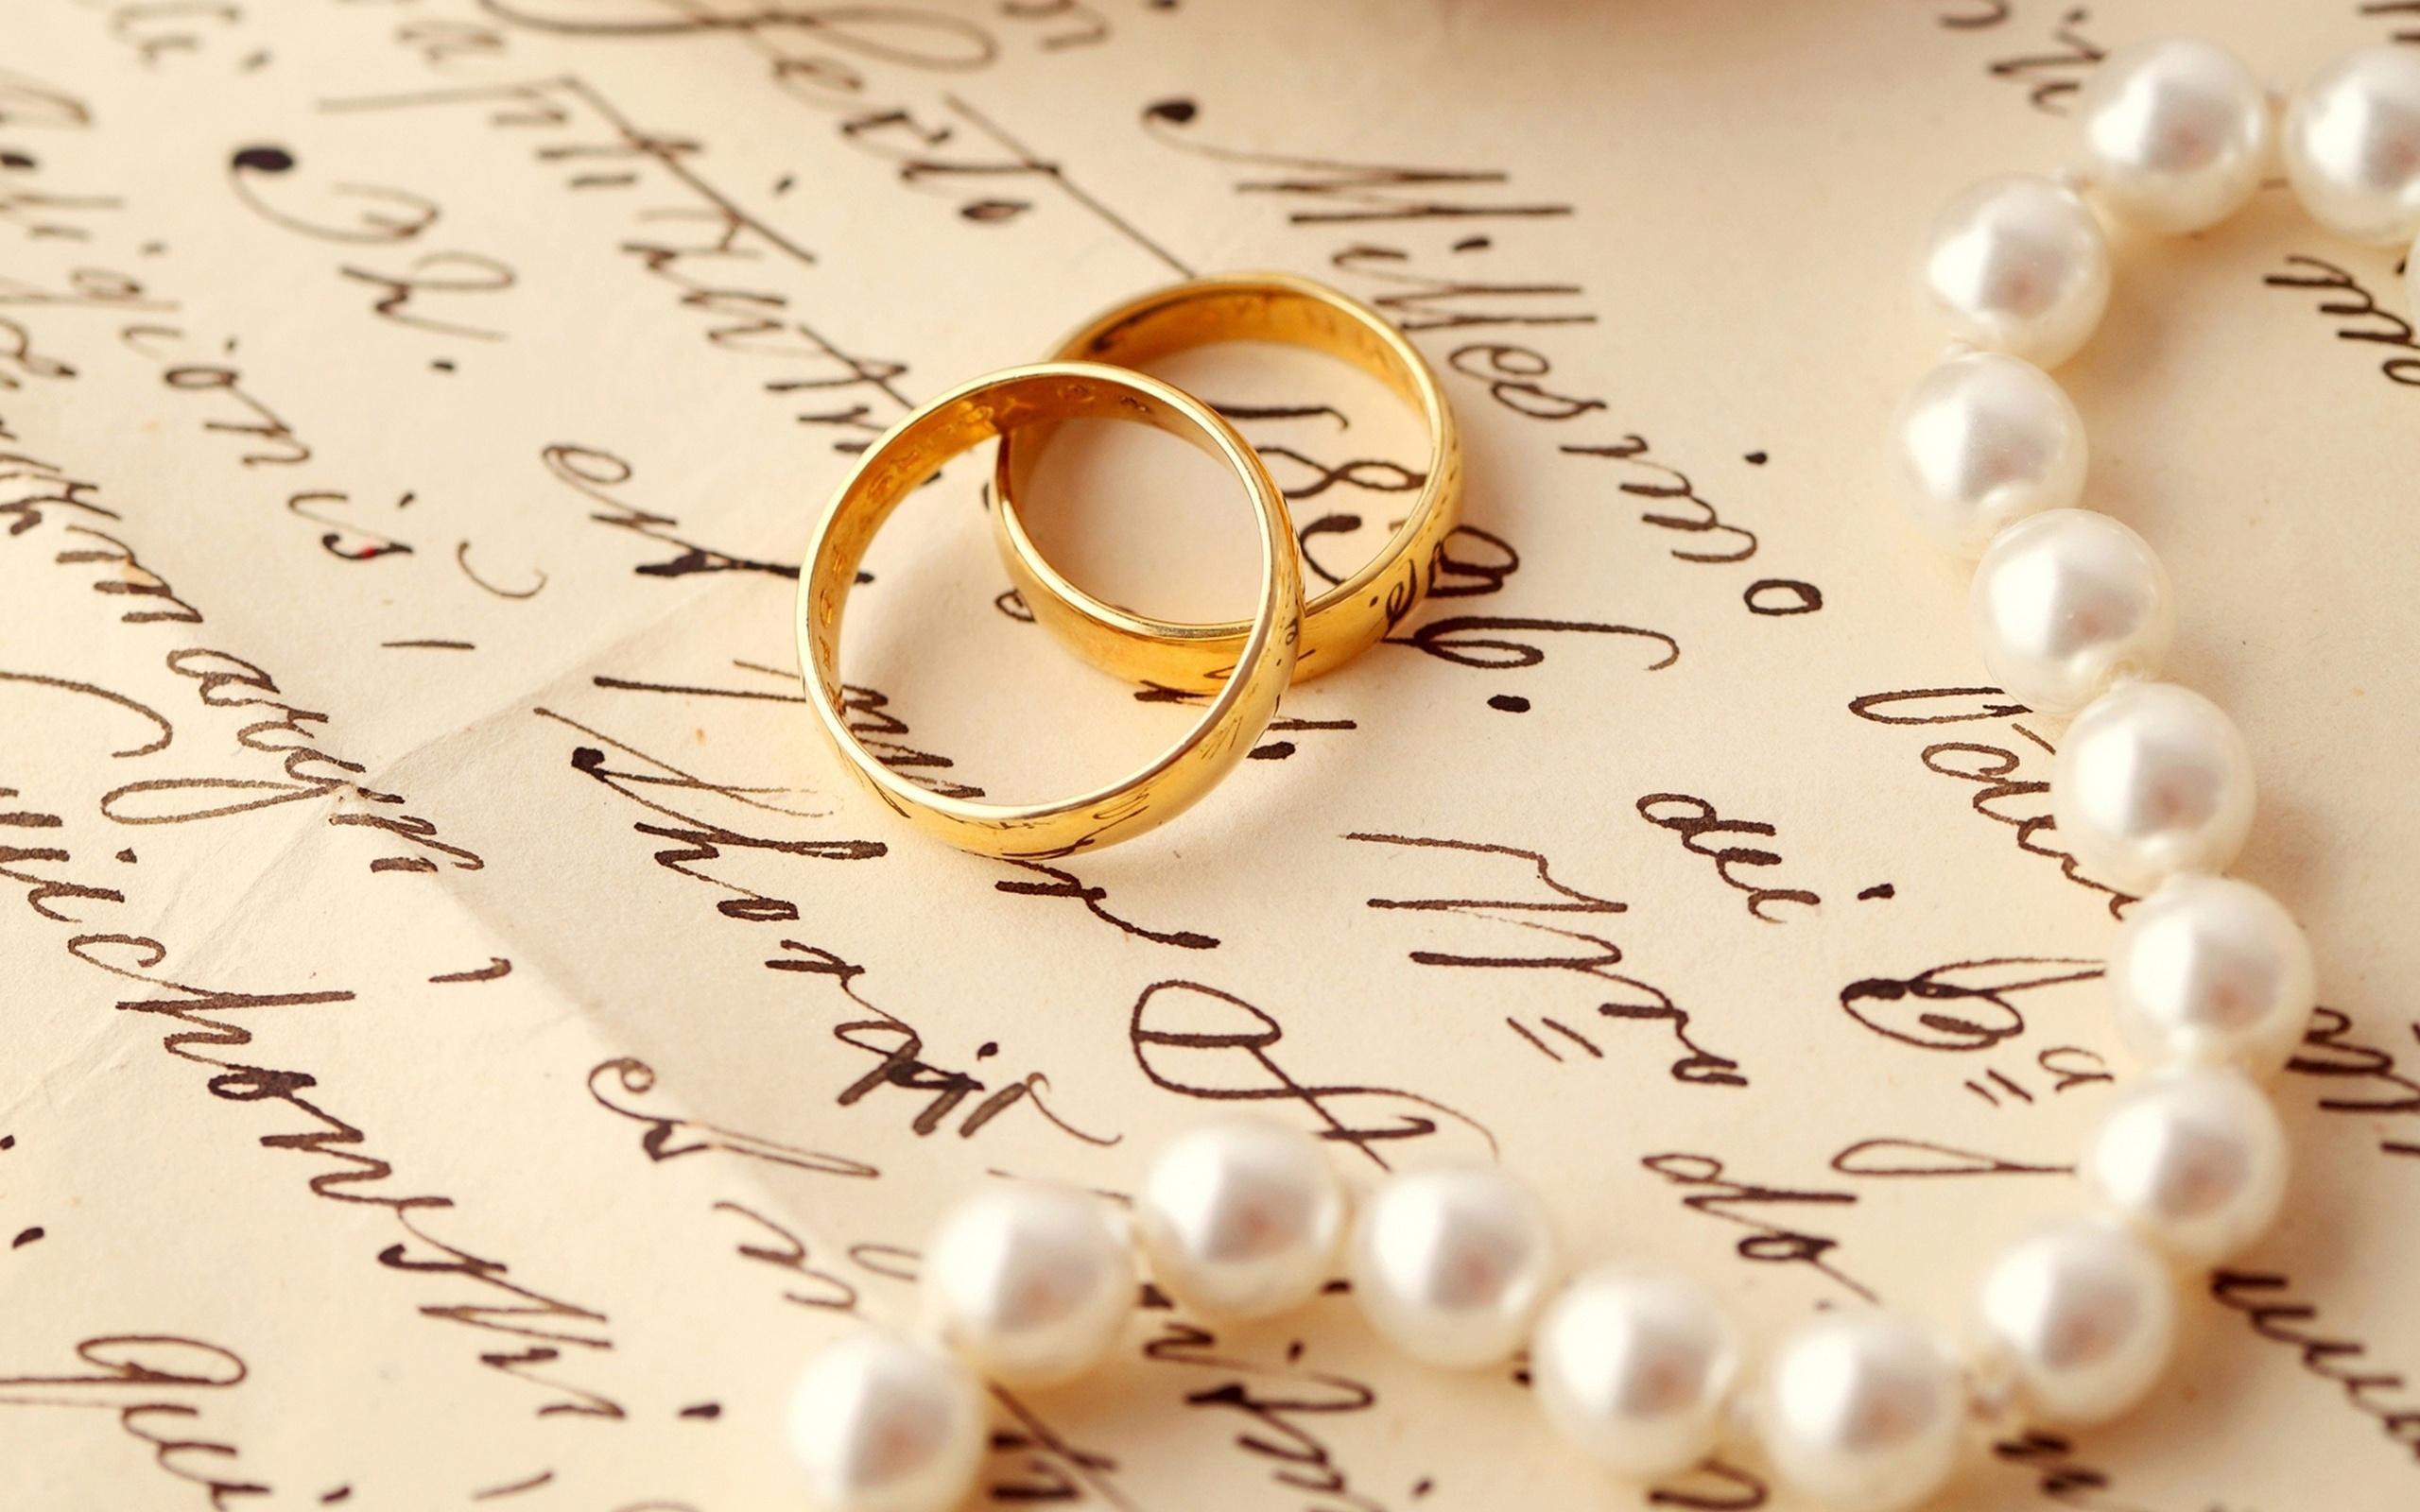 صور دعاء الزواج من شخص معين , كيف اطلب من الله ان يجعل حبيبي نصيبي